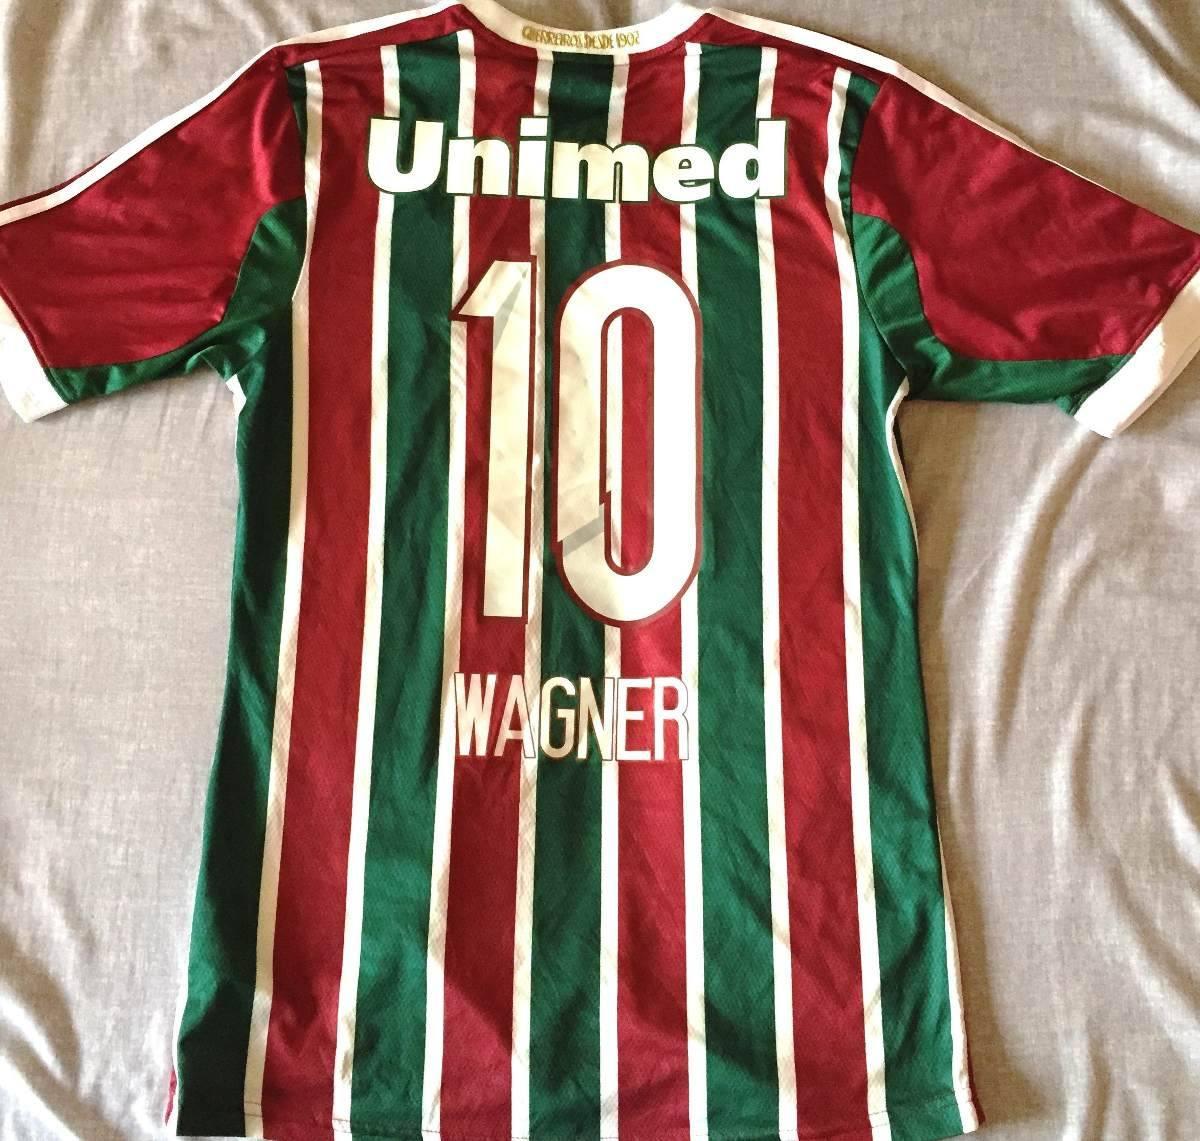 camisa fluminense usada jogo brasileirão 2014 wagner  10. Carregando zoom. da4fdd568290c